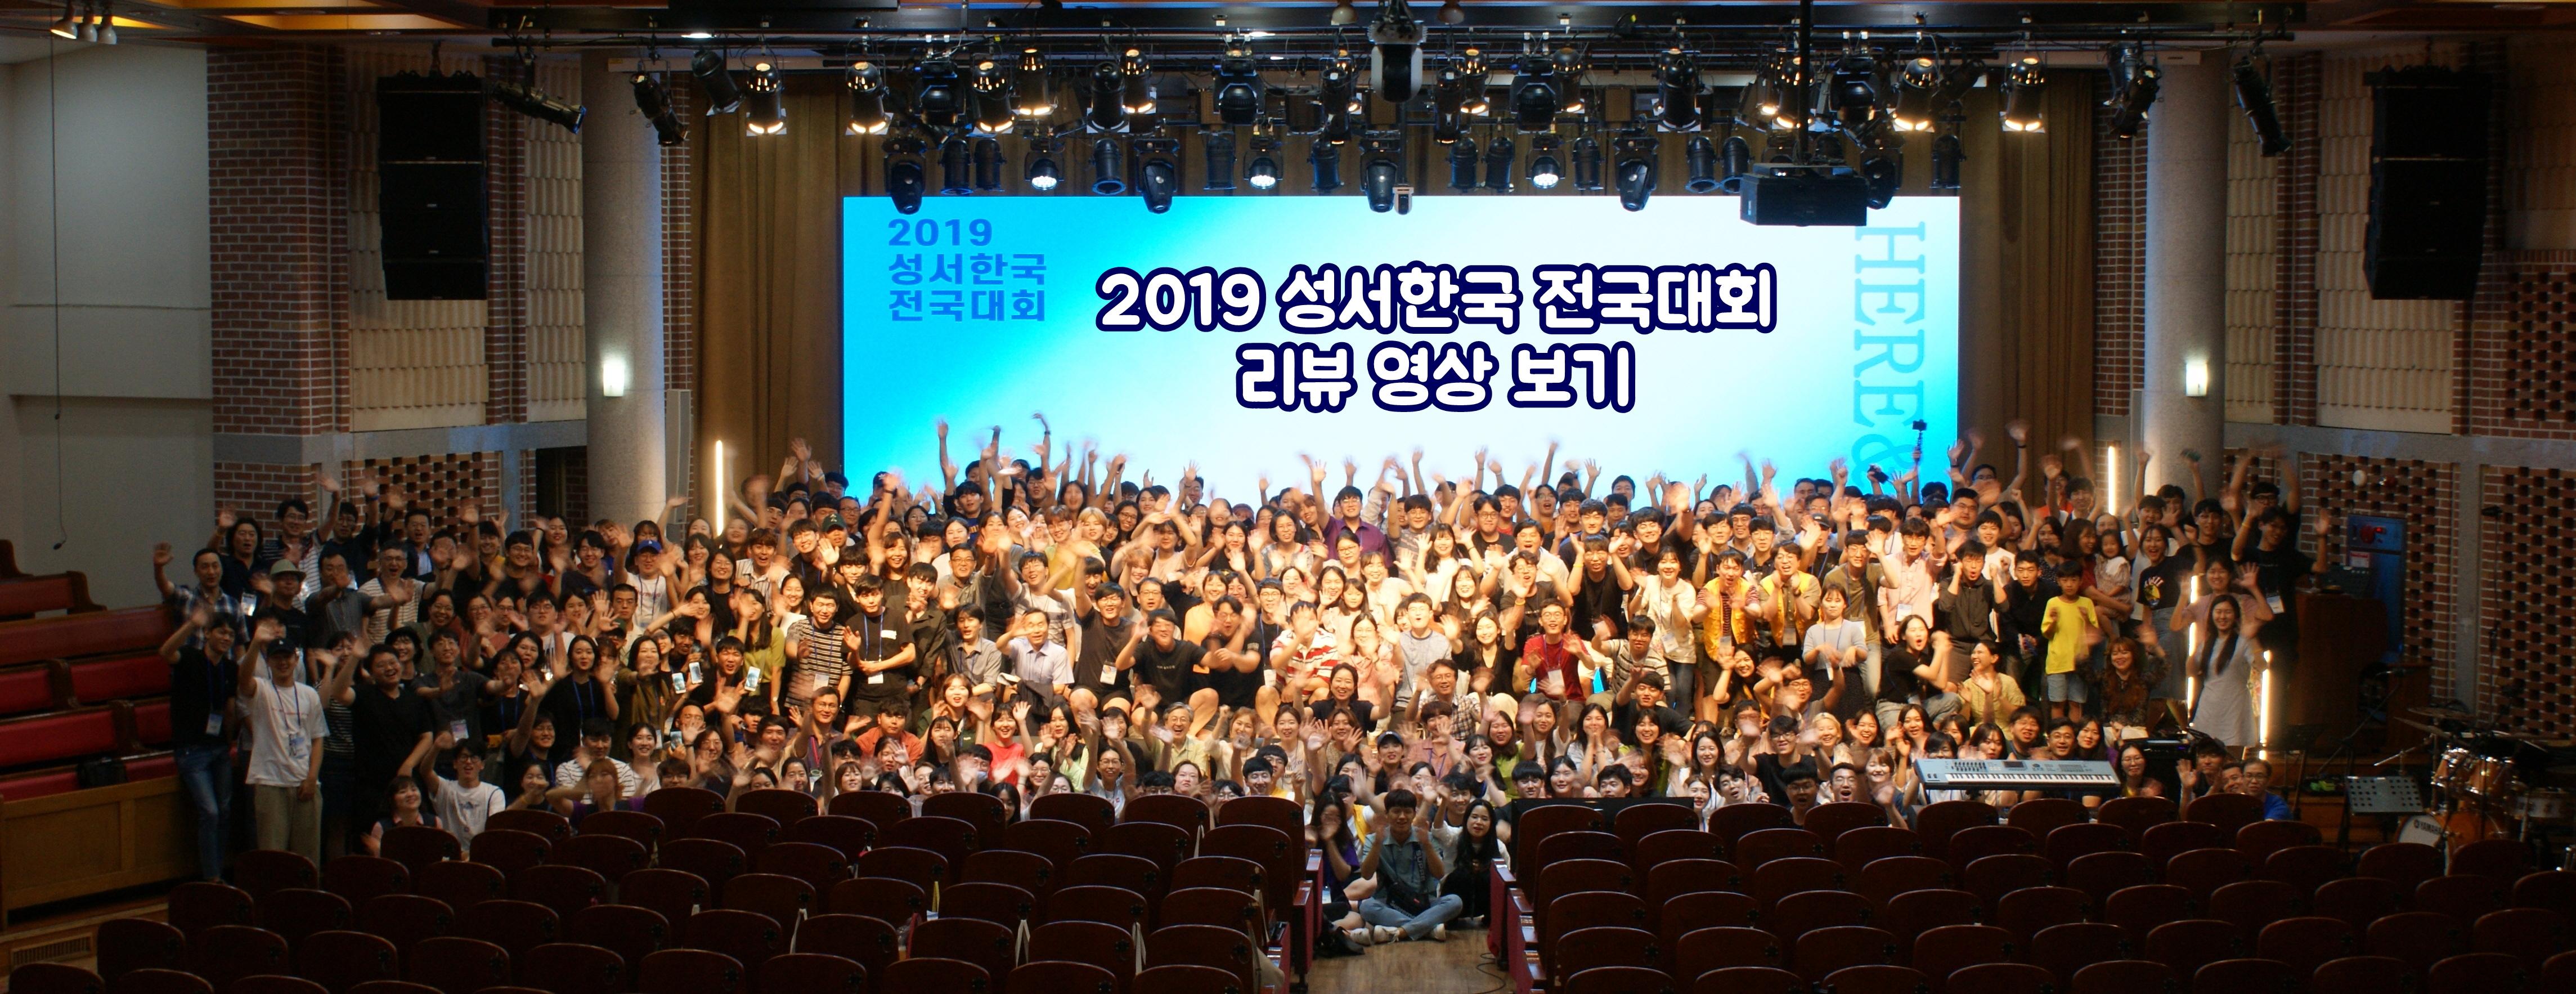 2019 성서한국 전국대회 리뷰 영상 포스터